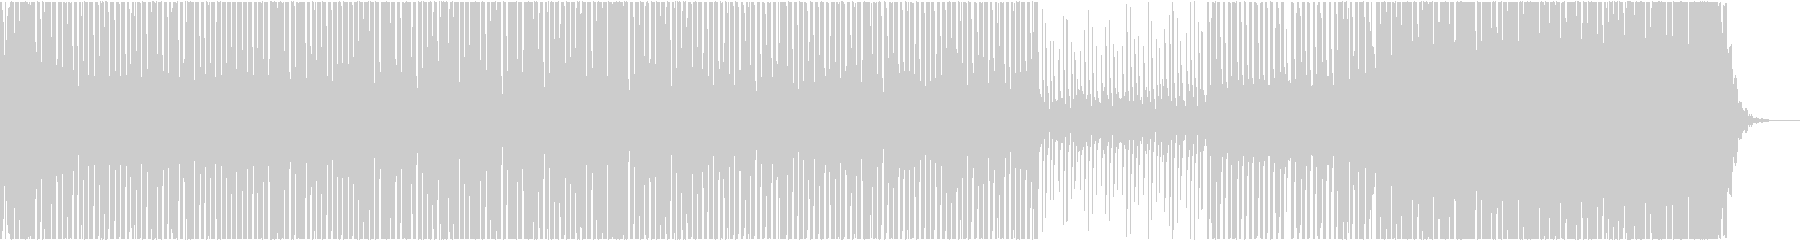 ダブステップ キャッチー EDM 明るいの未再生の波形